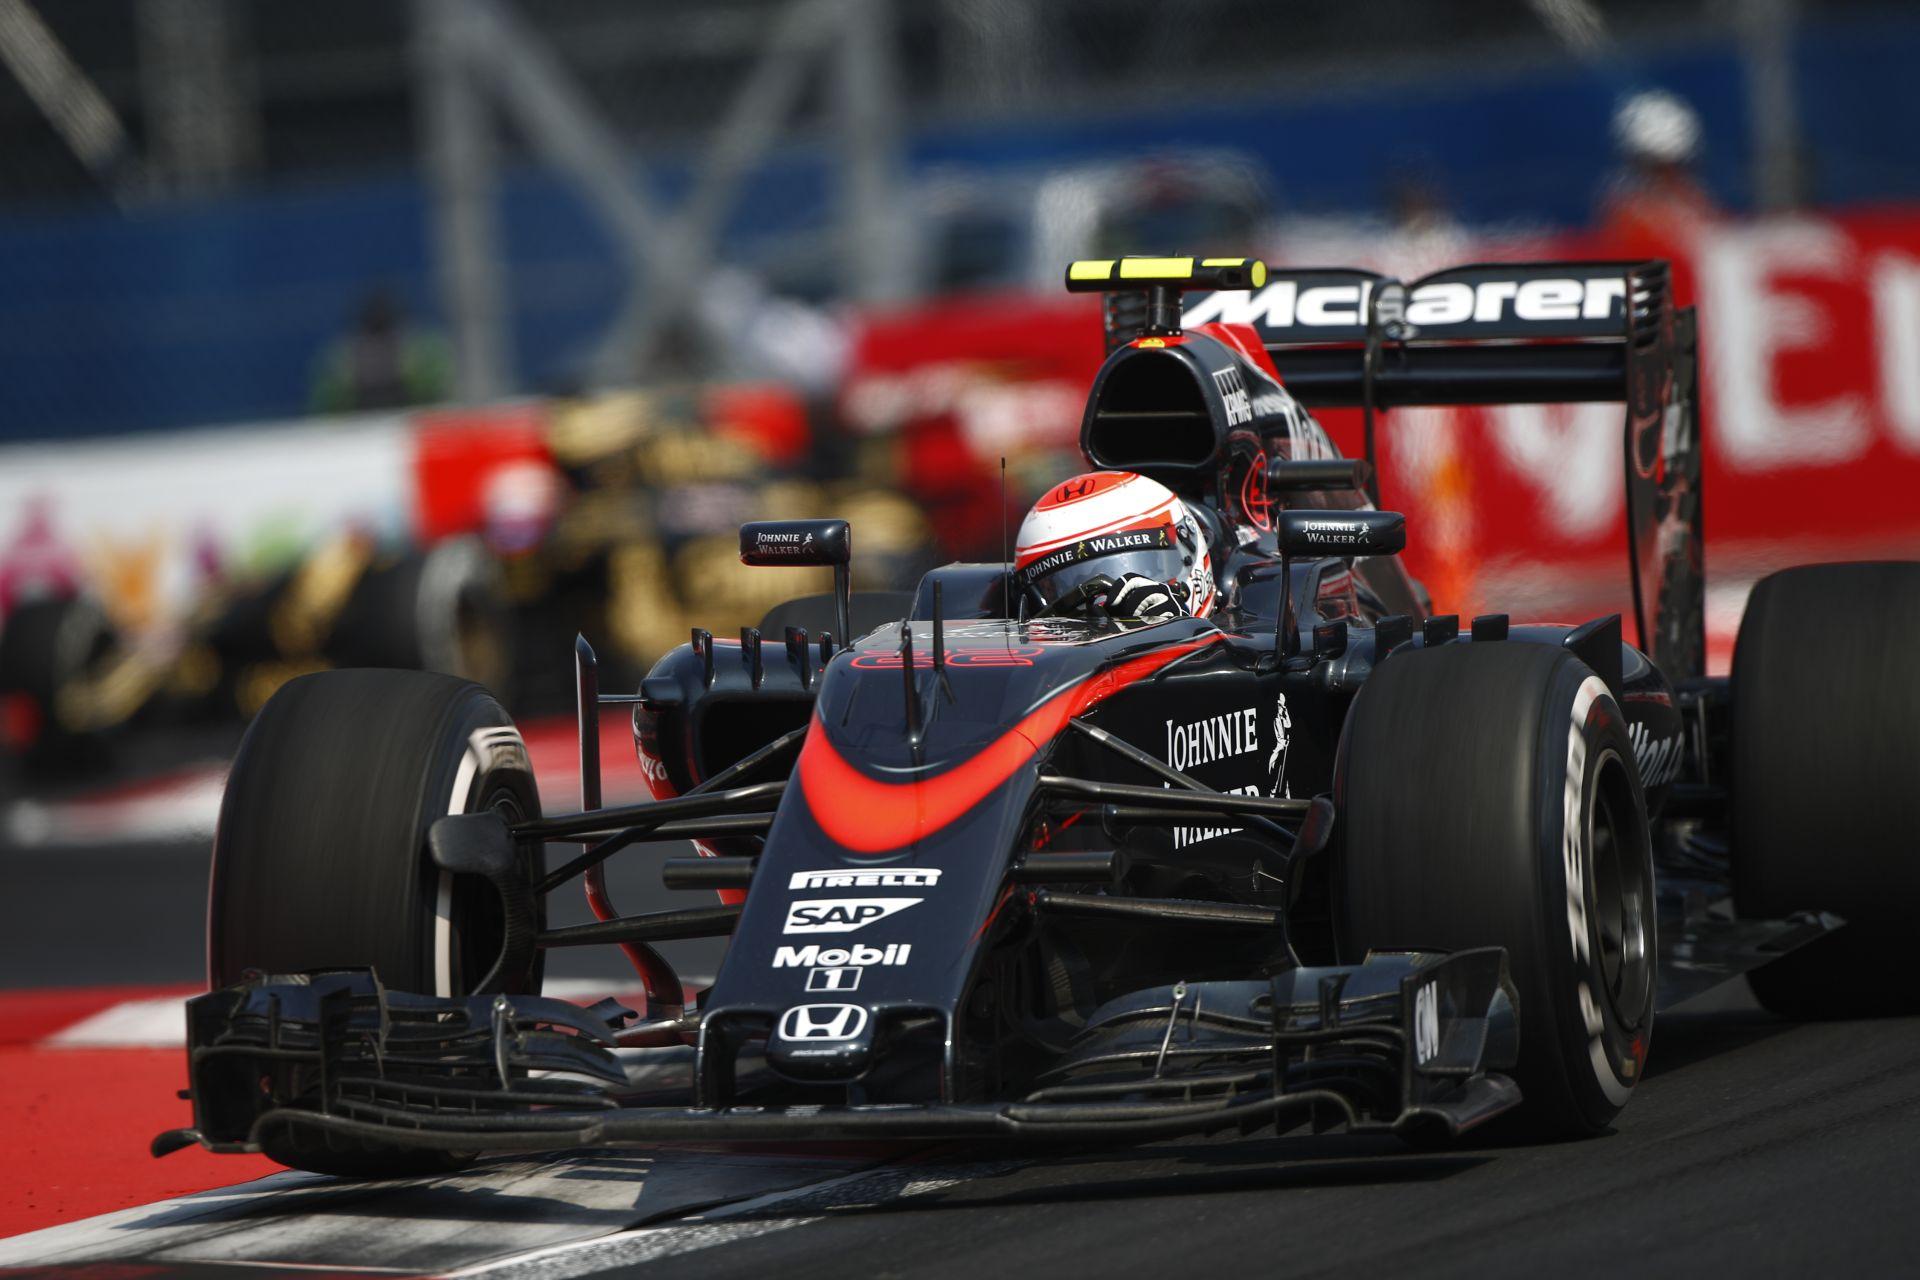 A McLaren-Honda hogy másolja le a riválisok megoldásait?